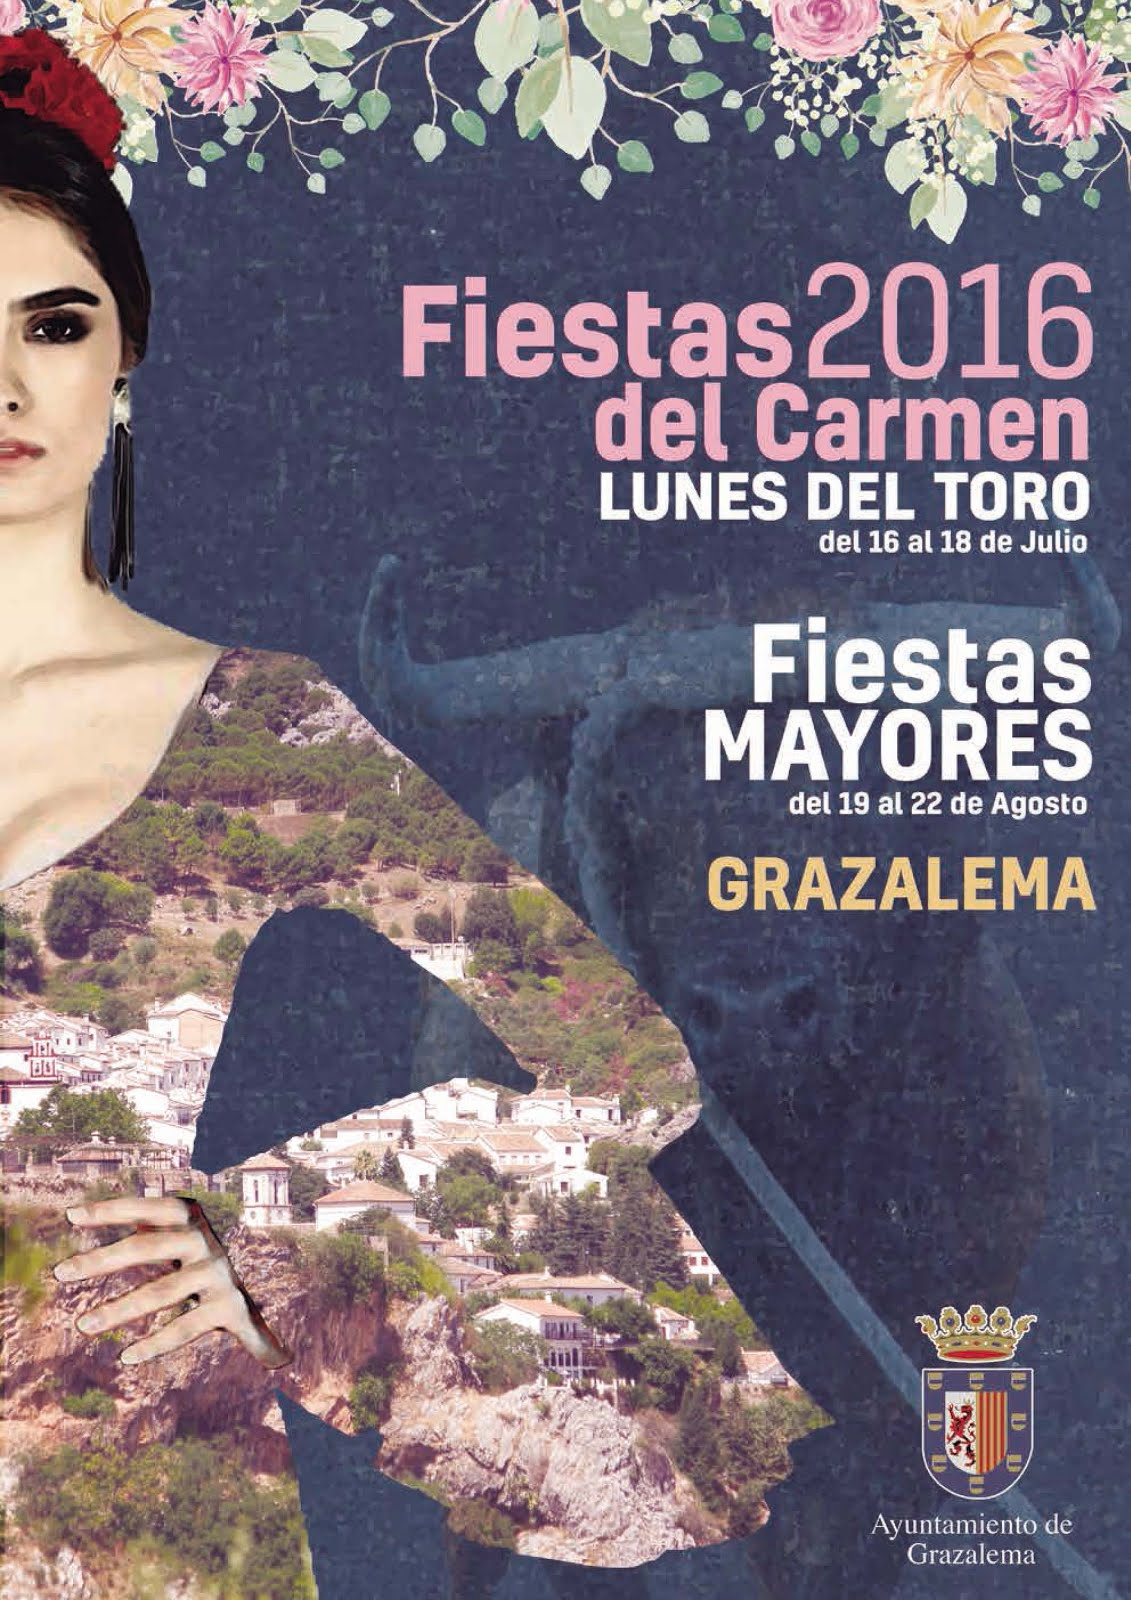 Fiestas del Carmen Lunes del Toro del 15 al 18 de julio